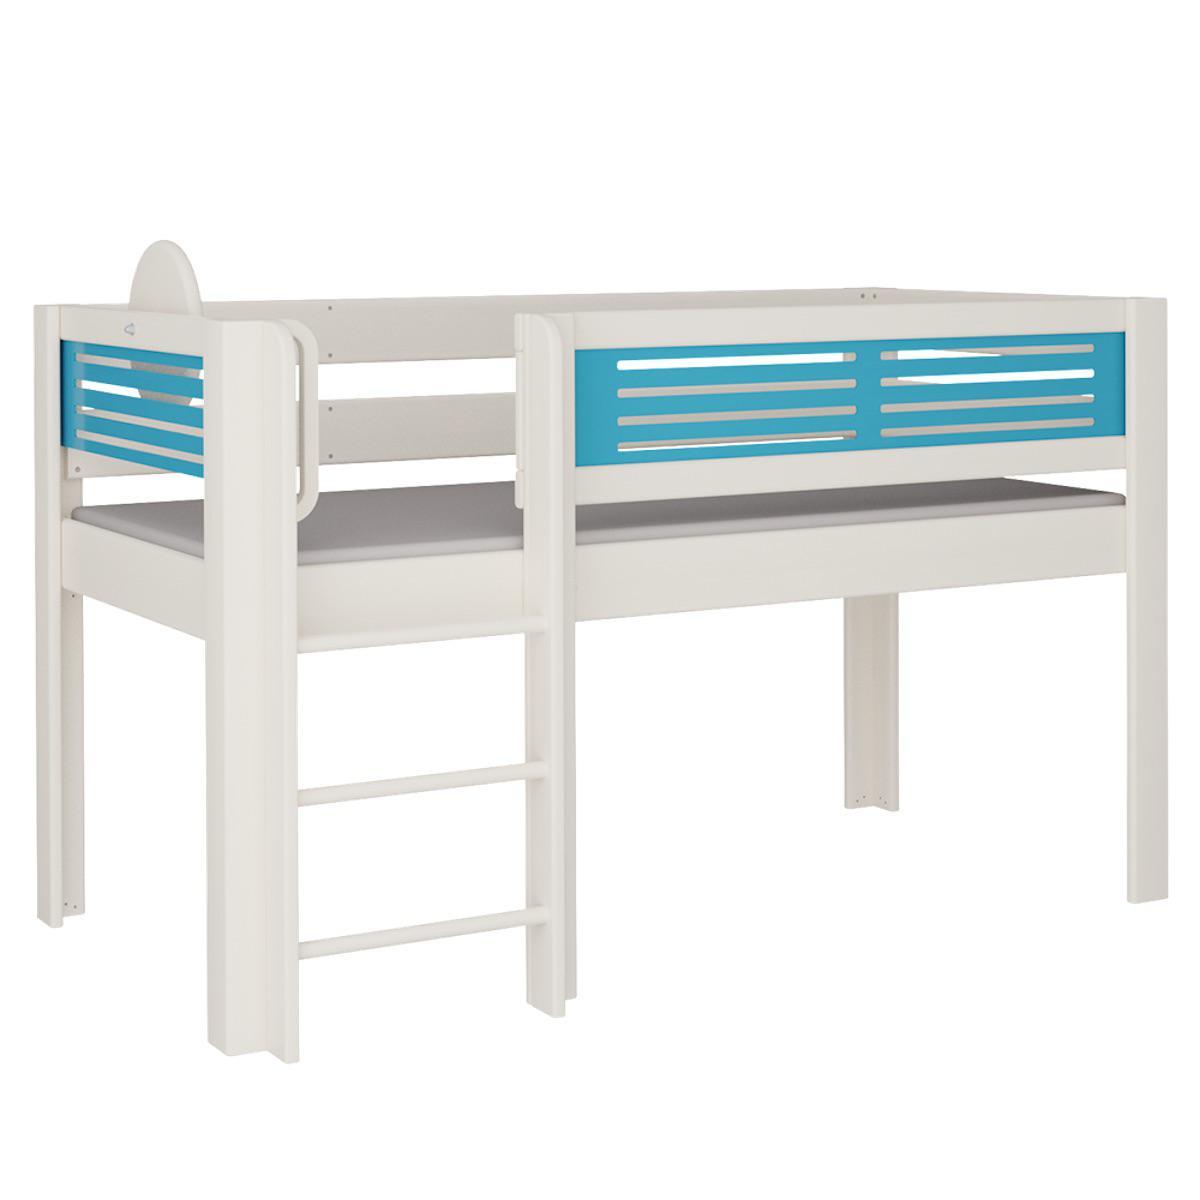 Tatü halbhohes Bett mit Leiter DELUXE De Breuyn weiß Füllungen blau